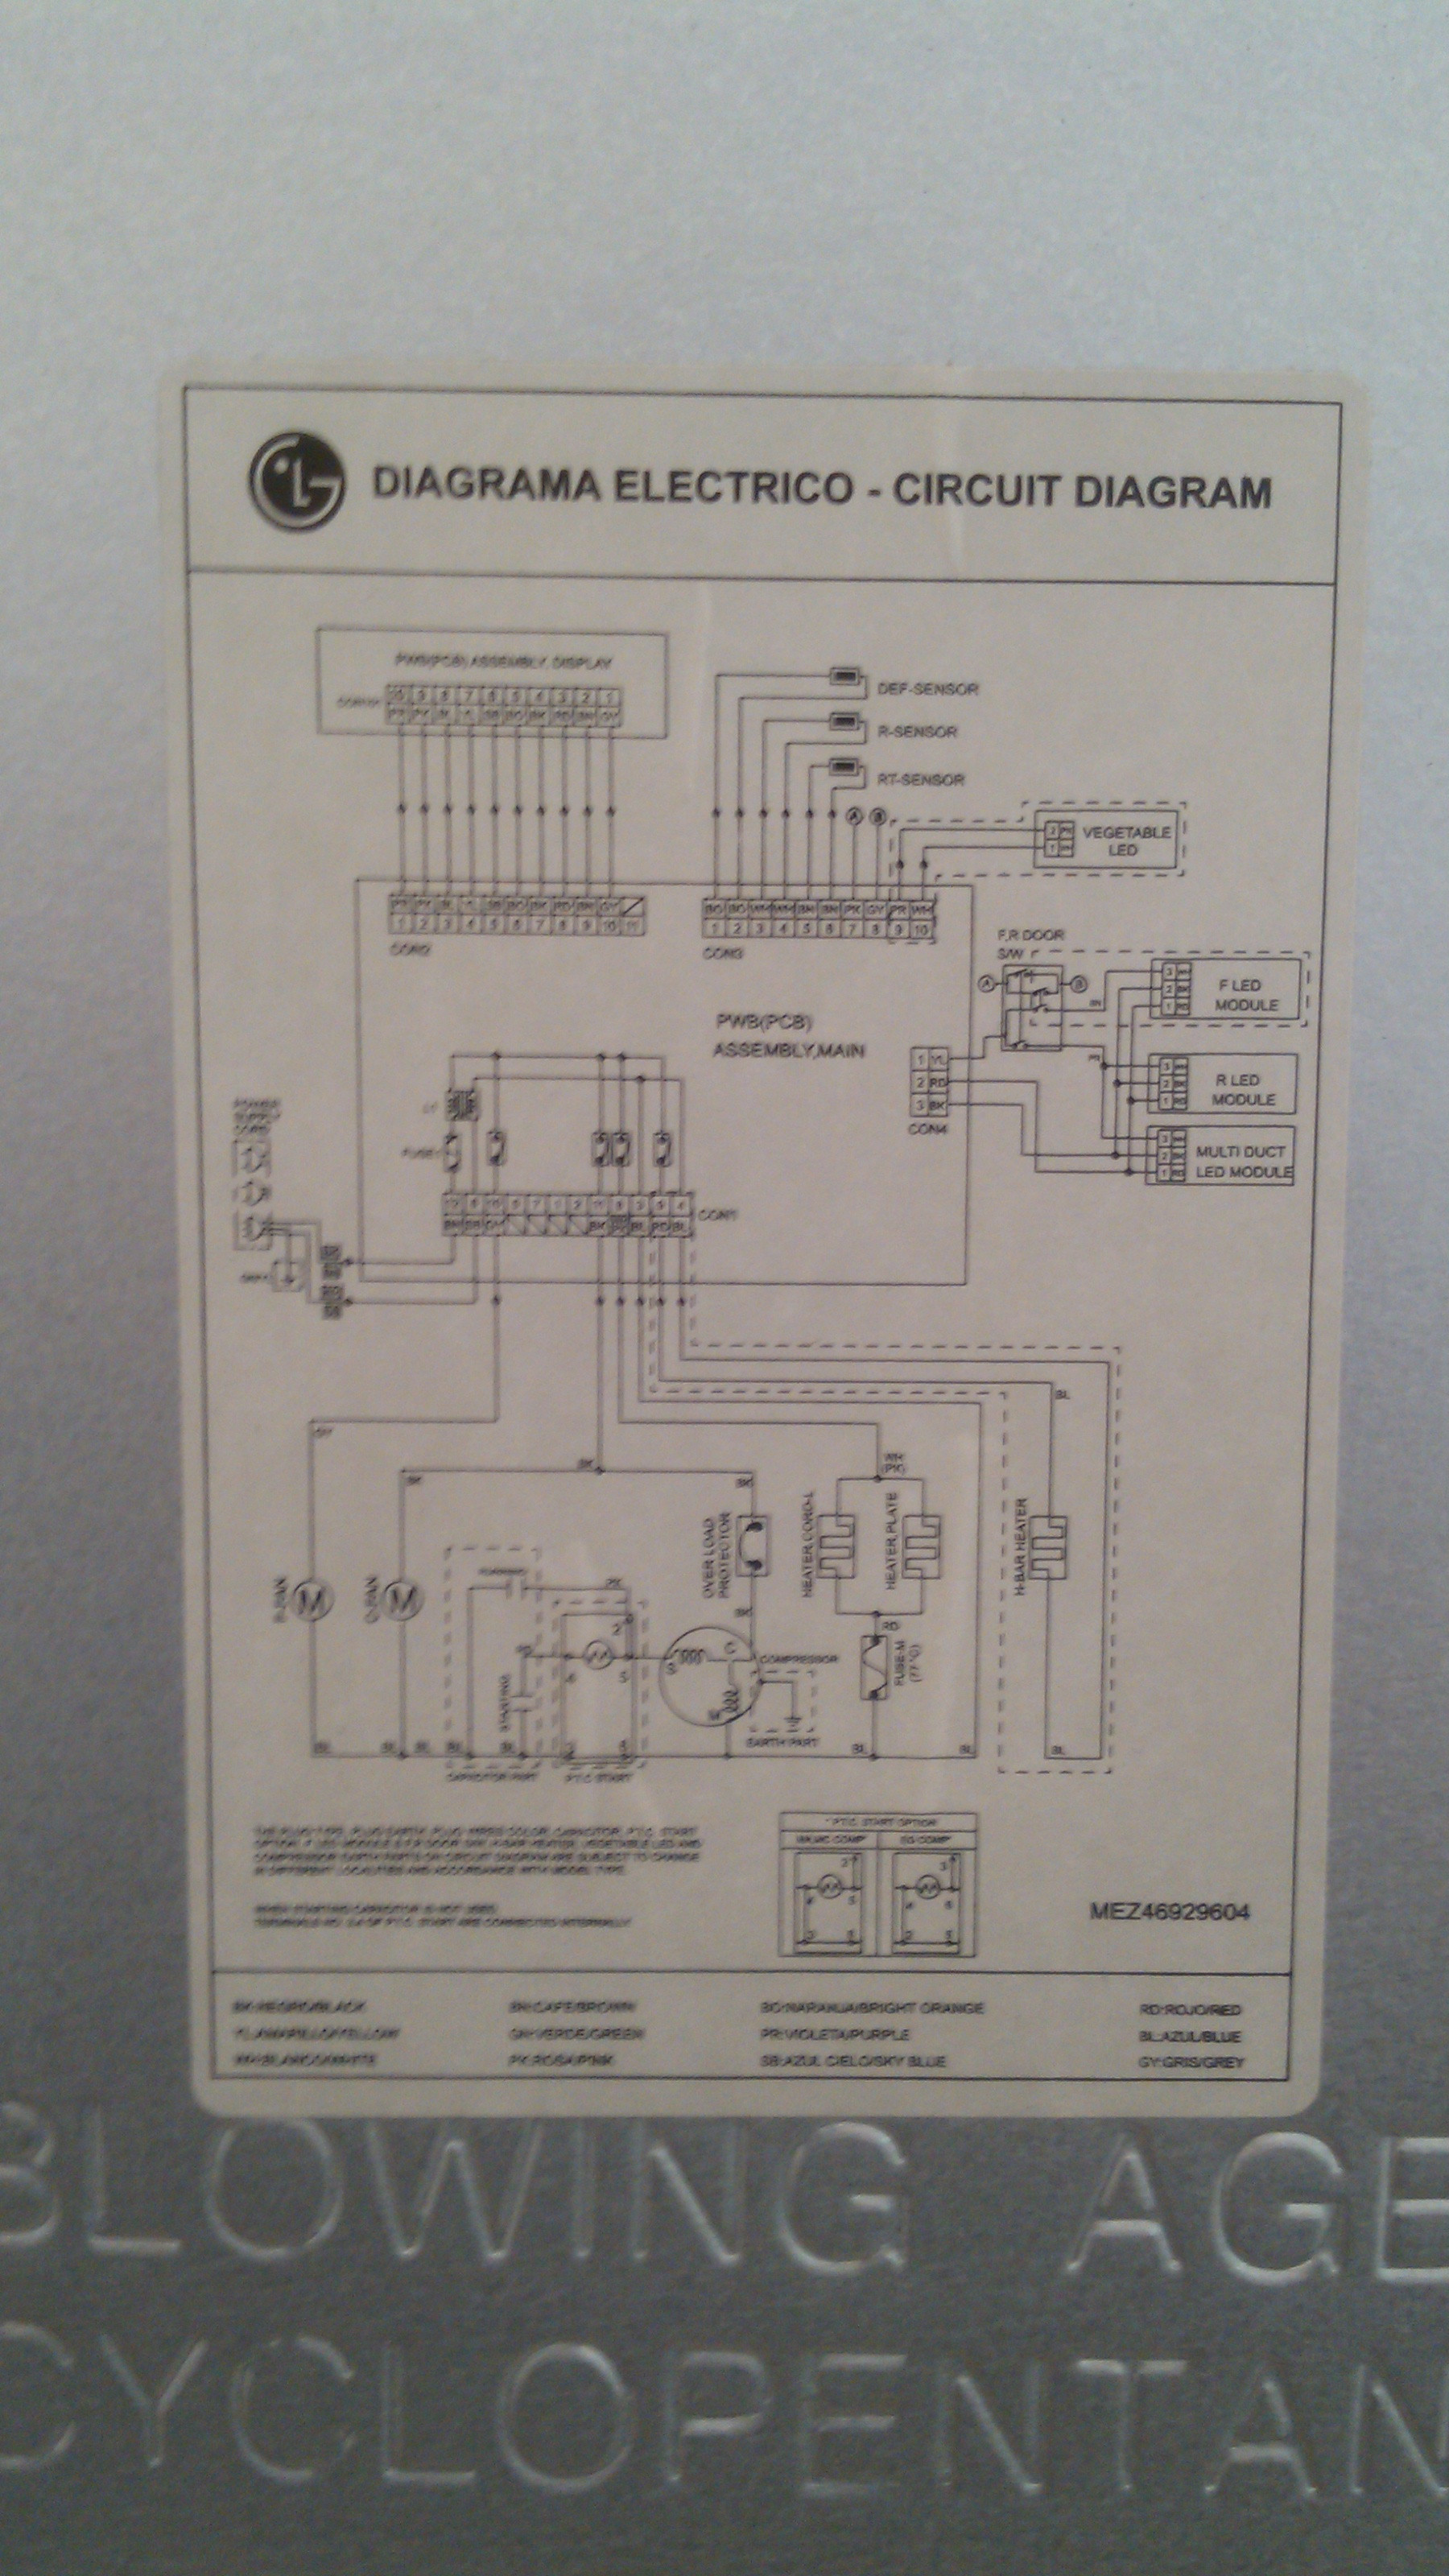 refrigerador LG MB582ULV diagrama electronico - Reparacion de ...